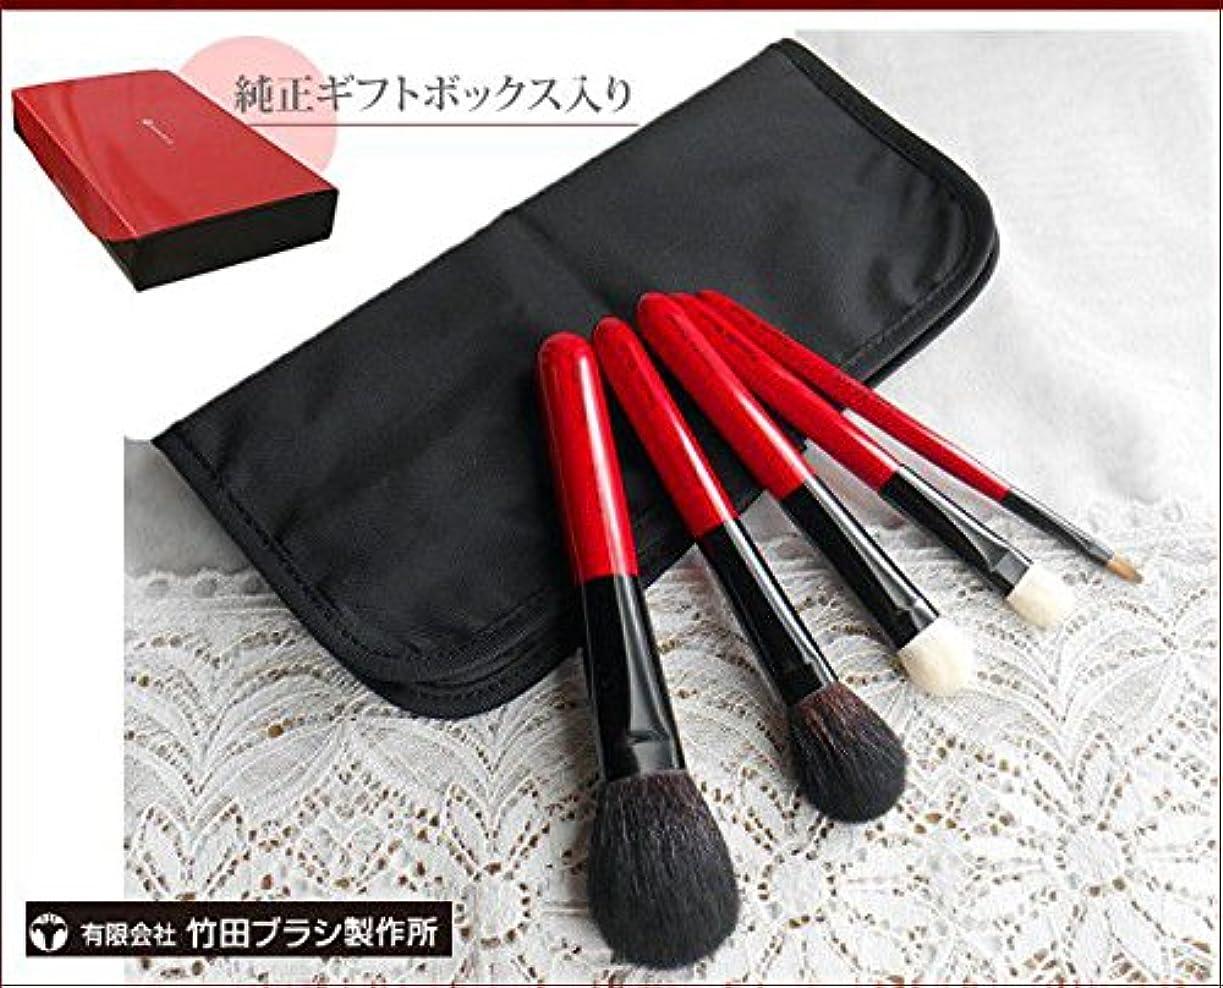 ラベフィードバック植物学者有限会社竹田ブラシ製作所の熊野化粧筆 特別5本セット